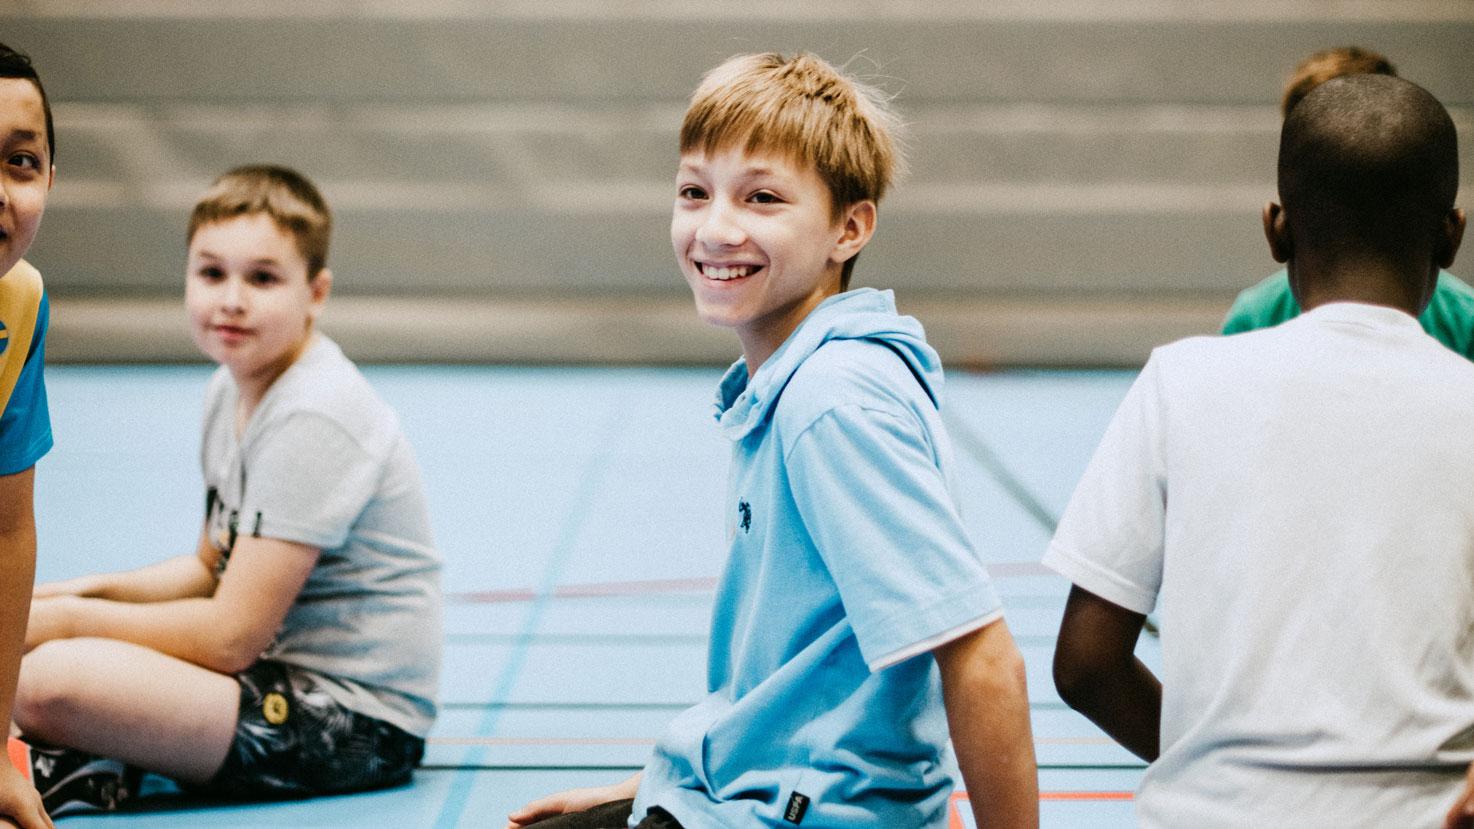 flera barn sitter på golvet i en idrottssal